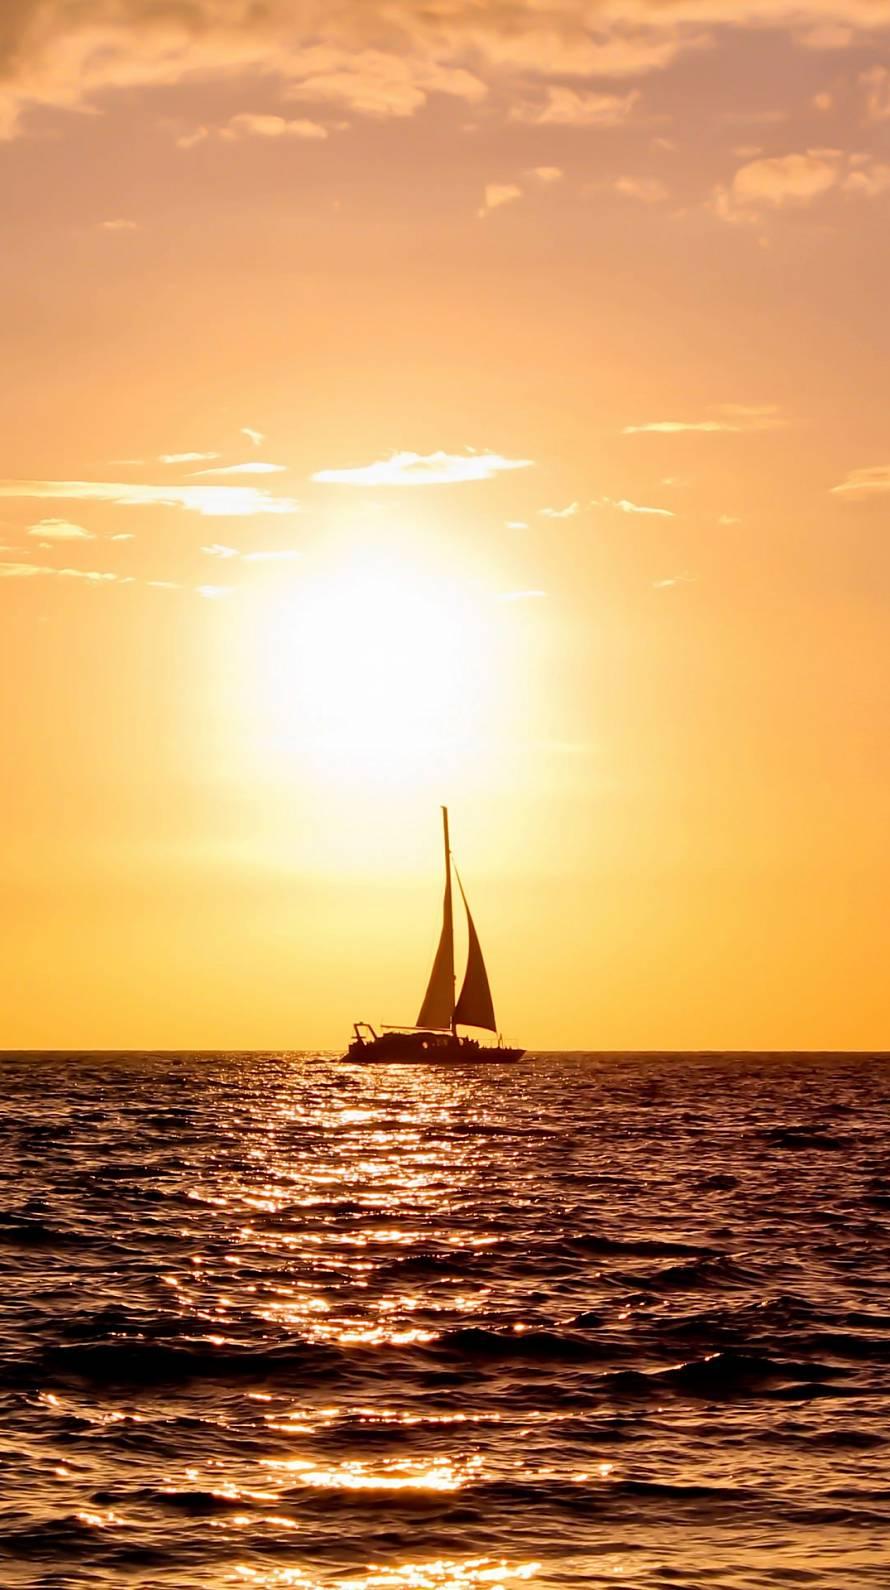 ヨットと夕日 iPhone6壁紙